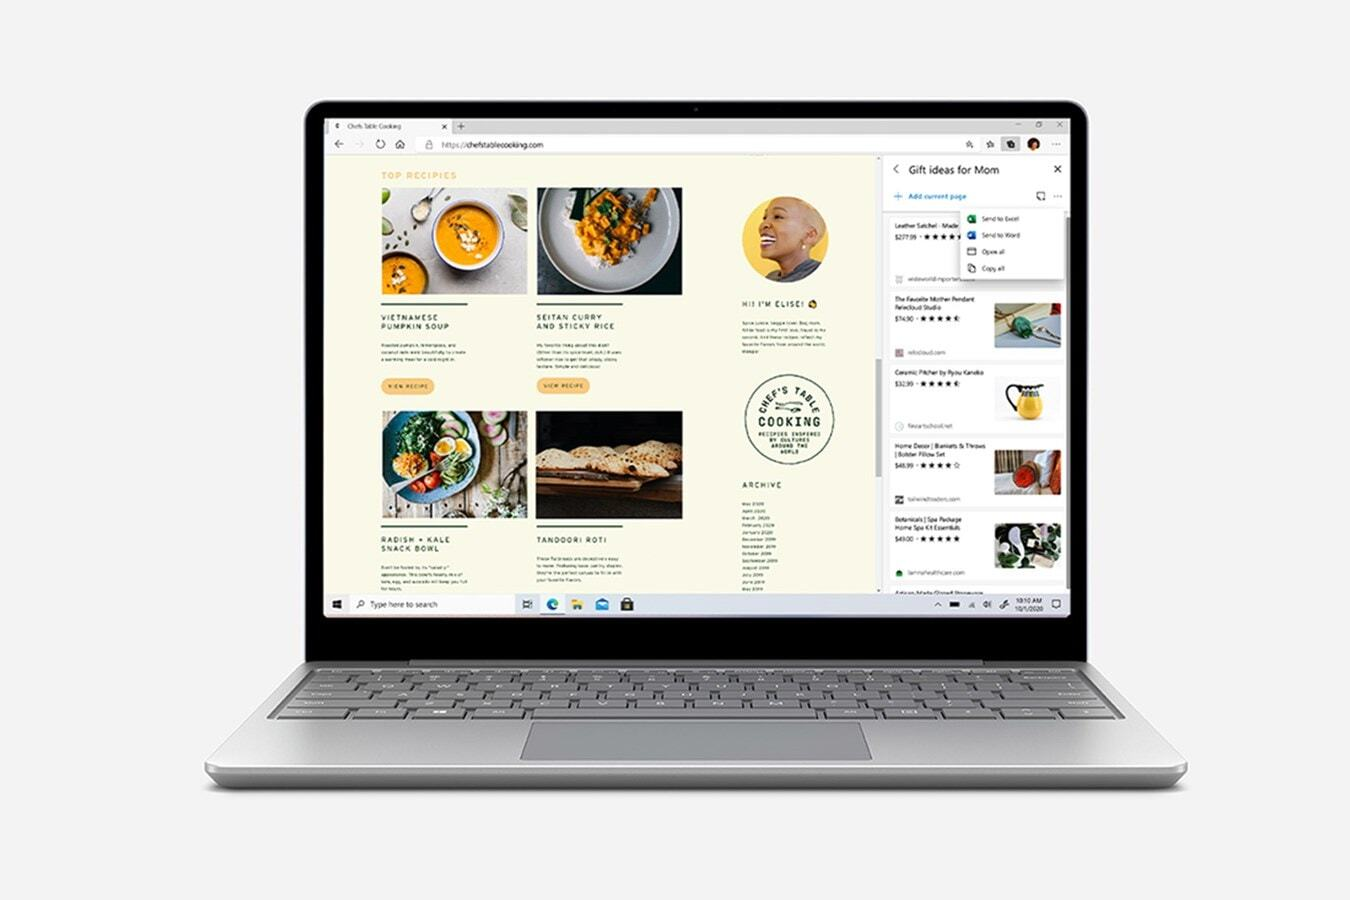 带 Edge Collections 的 Surface Laptop Go